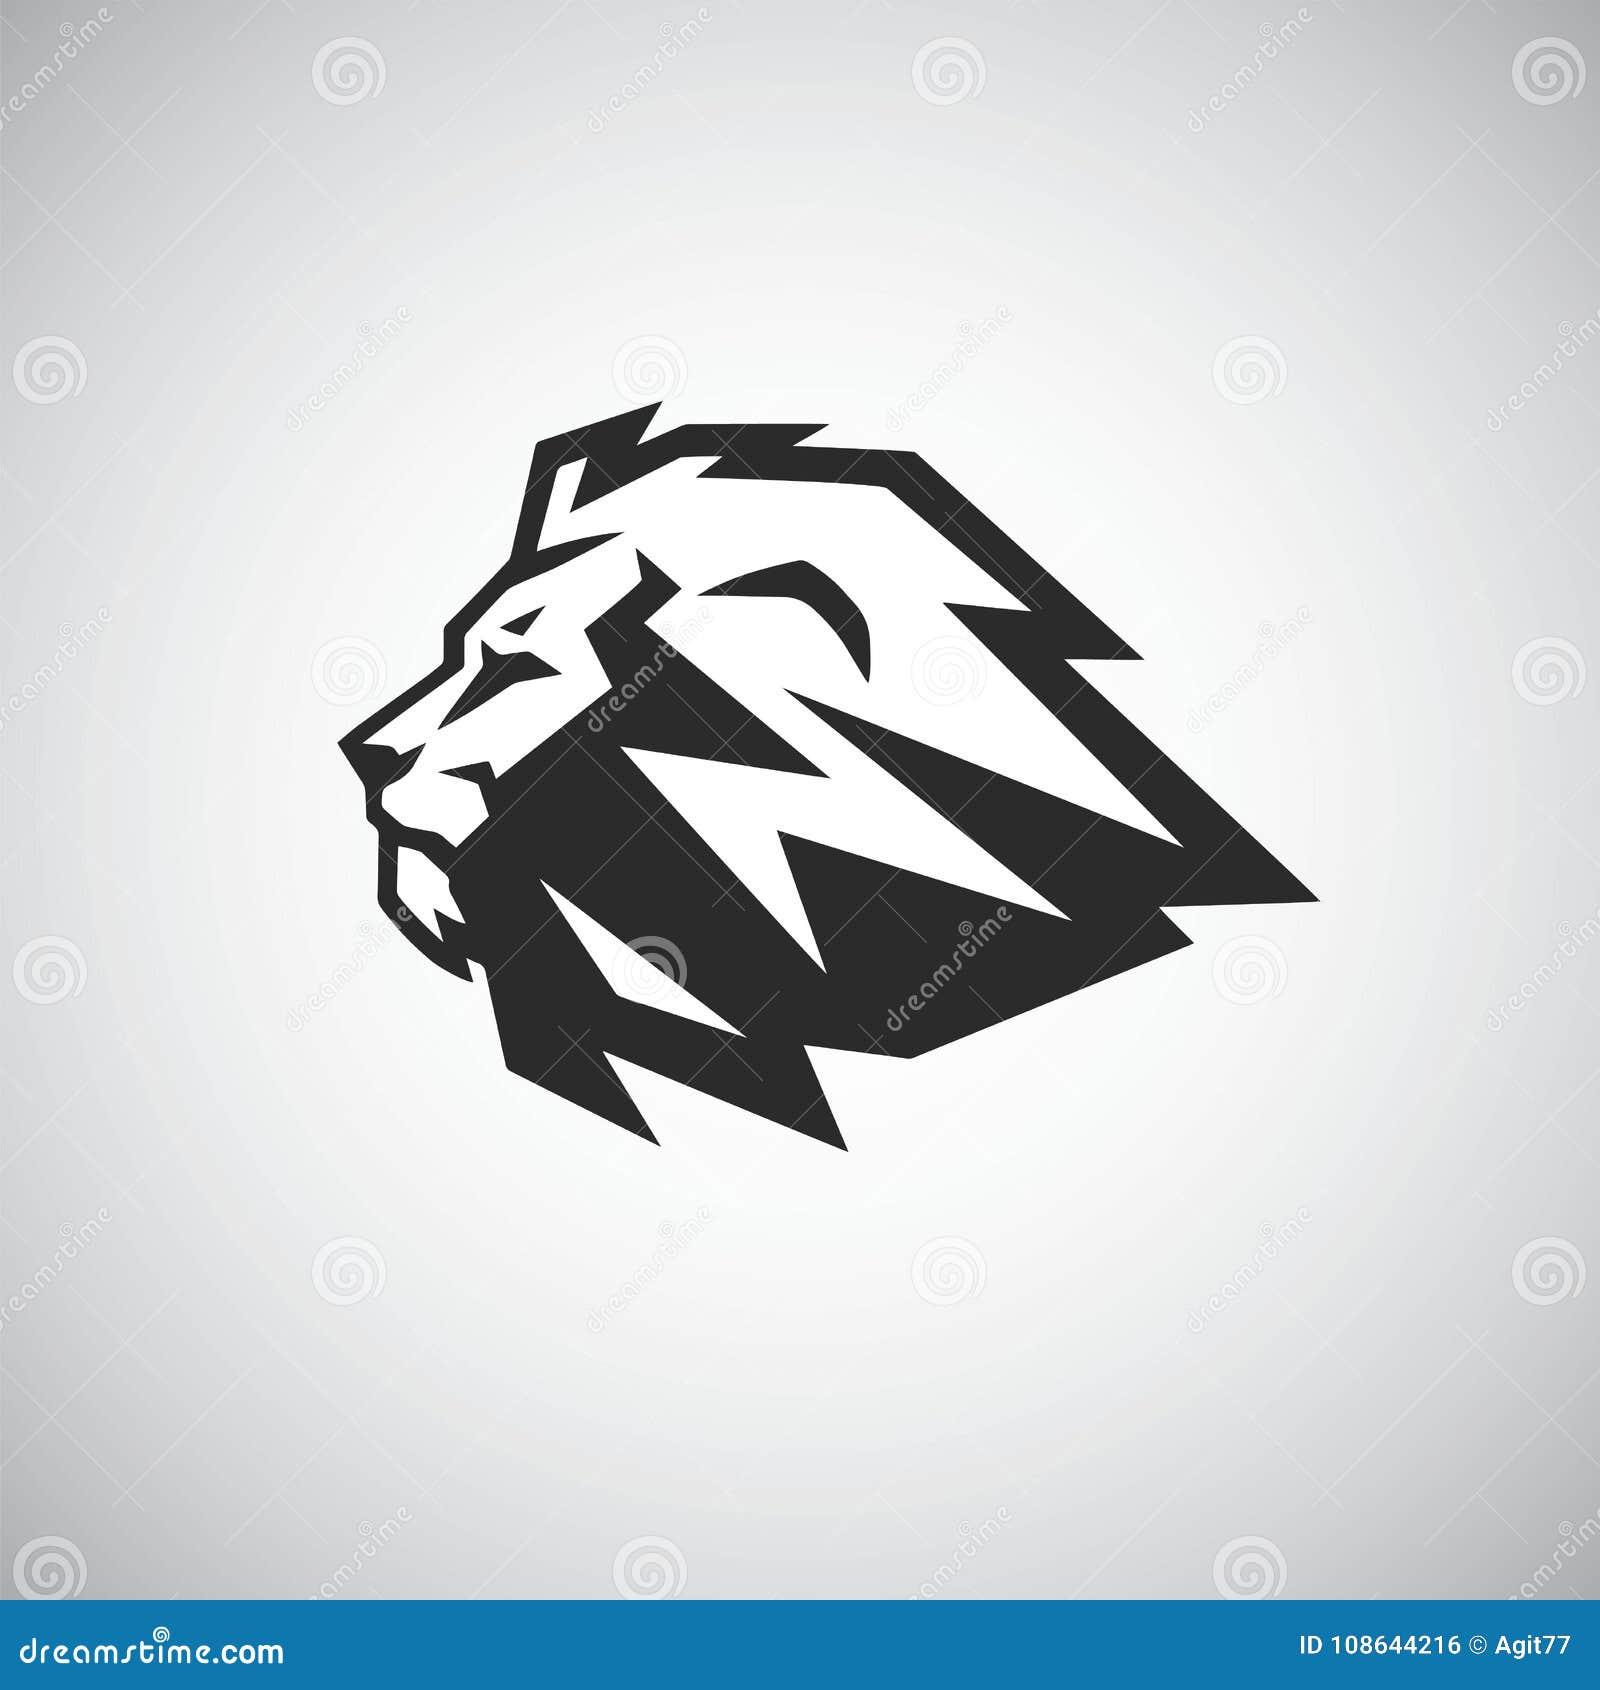 download cool lion logo design stock vector illustration of popular 108644216